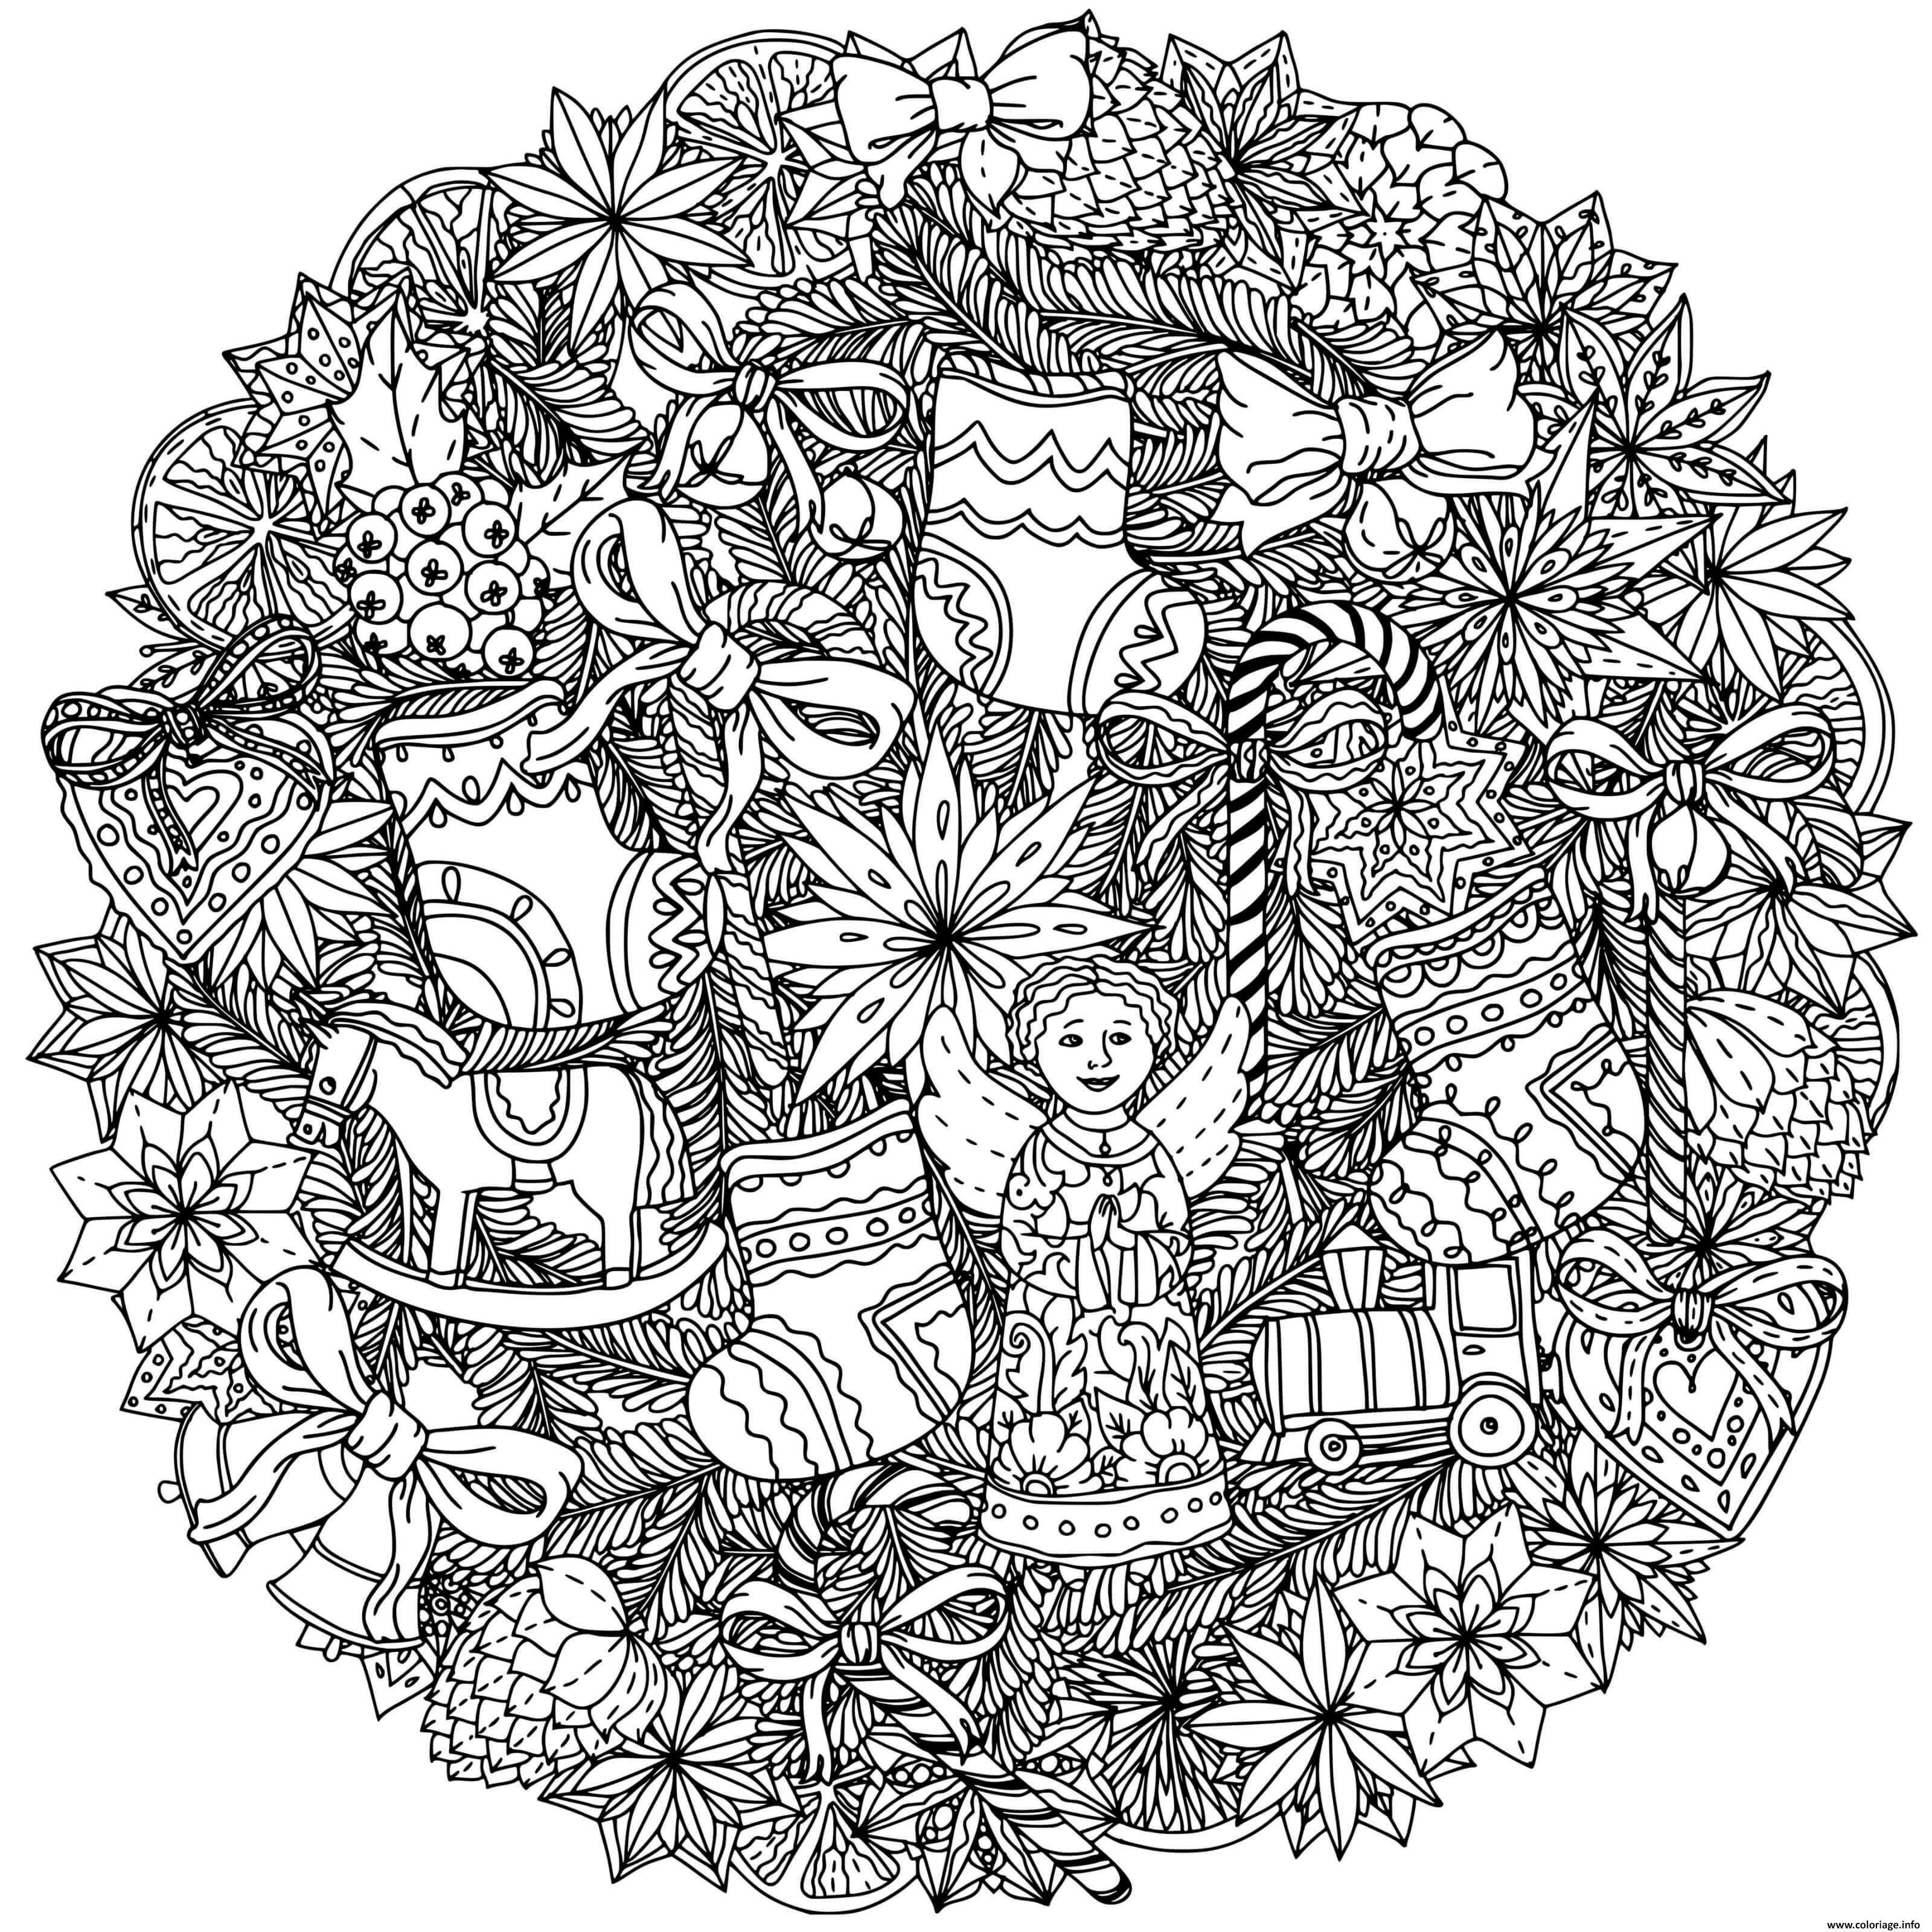 Dessin mandala de noel couronne jouets de noel ange train par mashabr Coloriage Gratuit à Imprimer